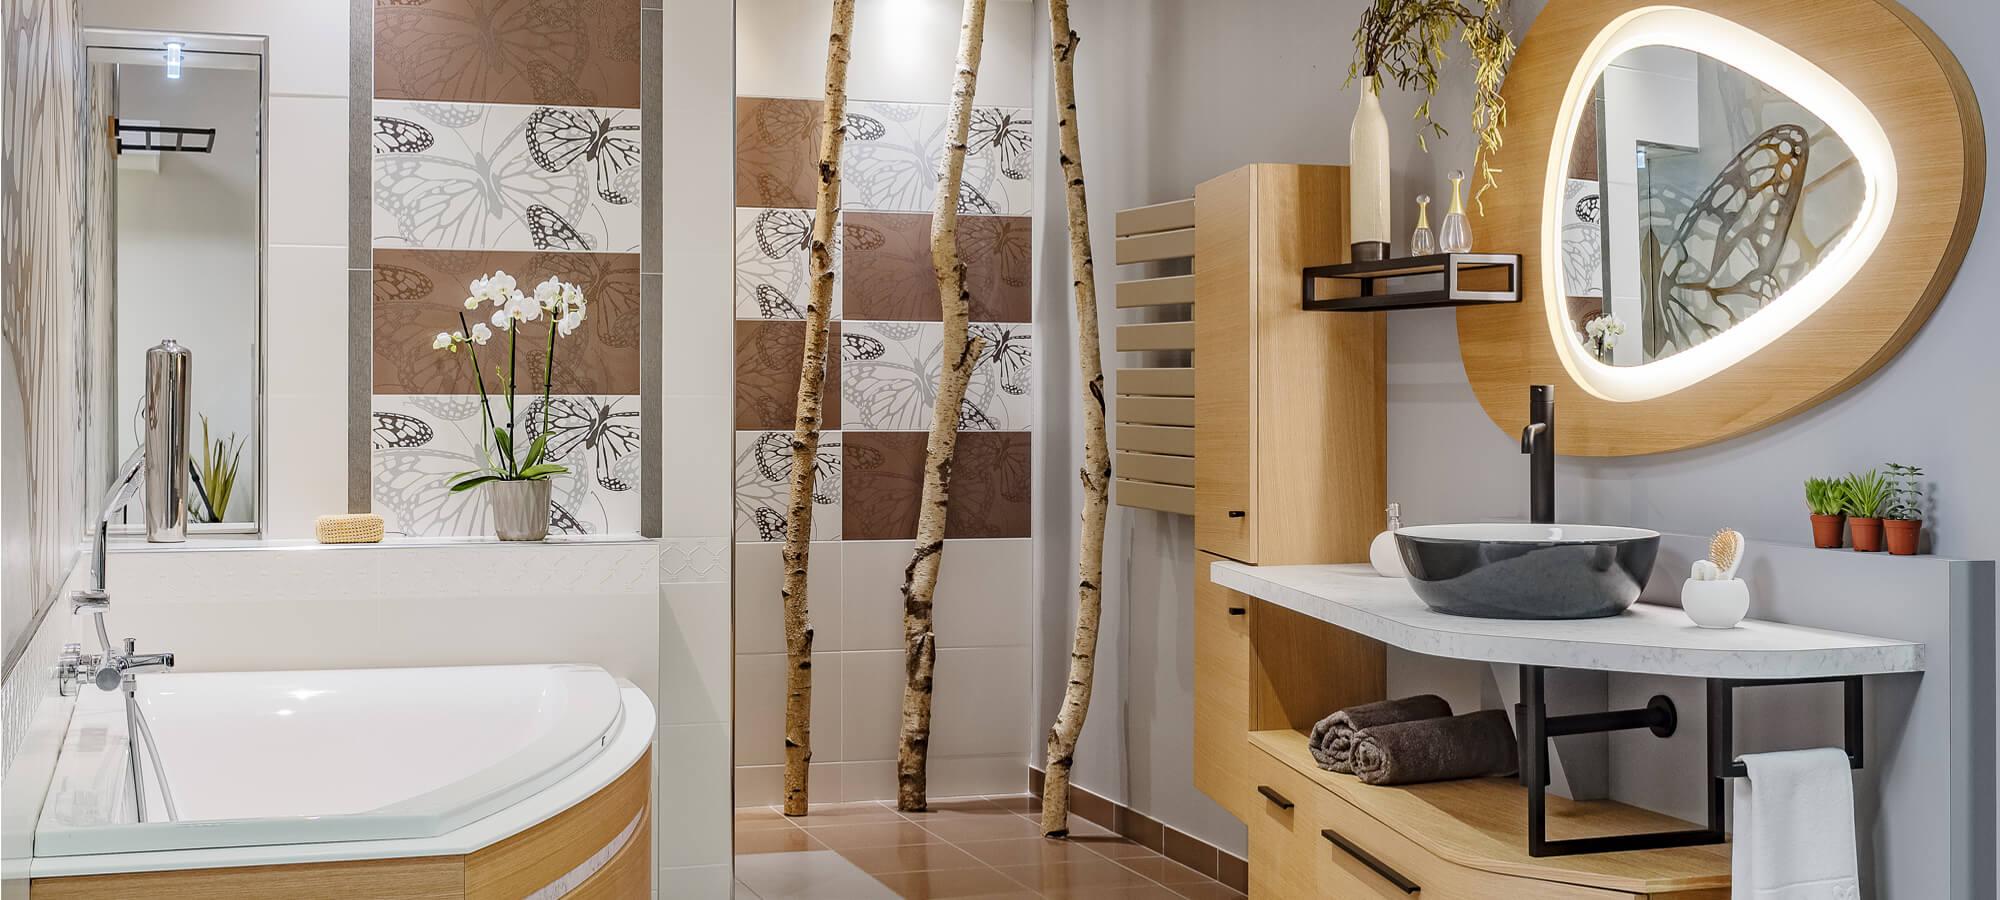 creations gravouille salle de bains